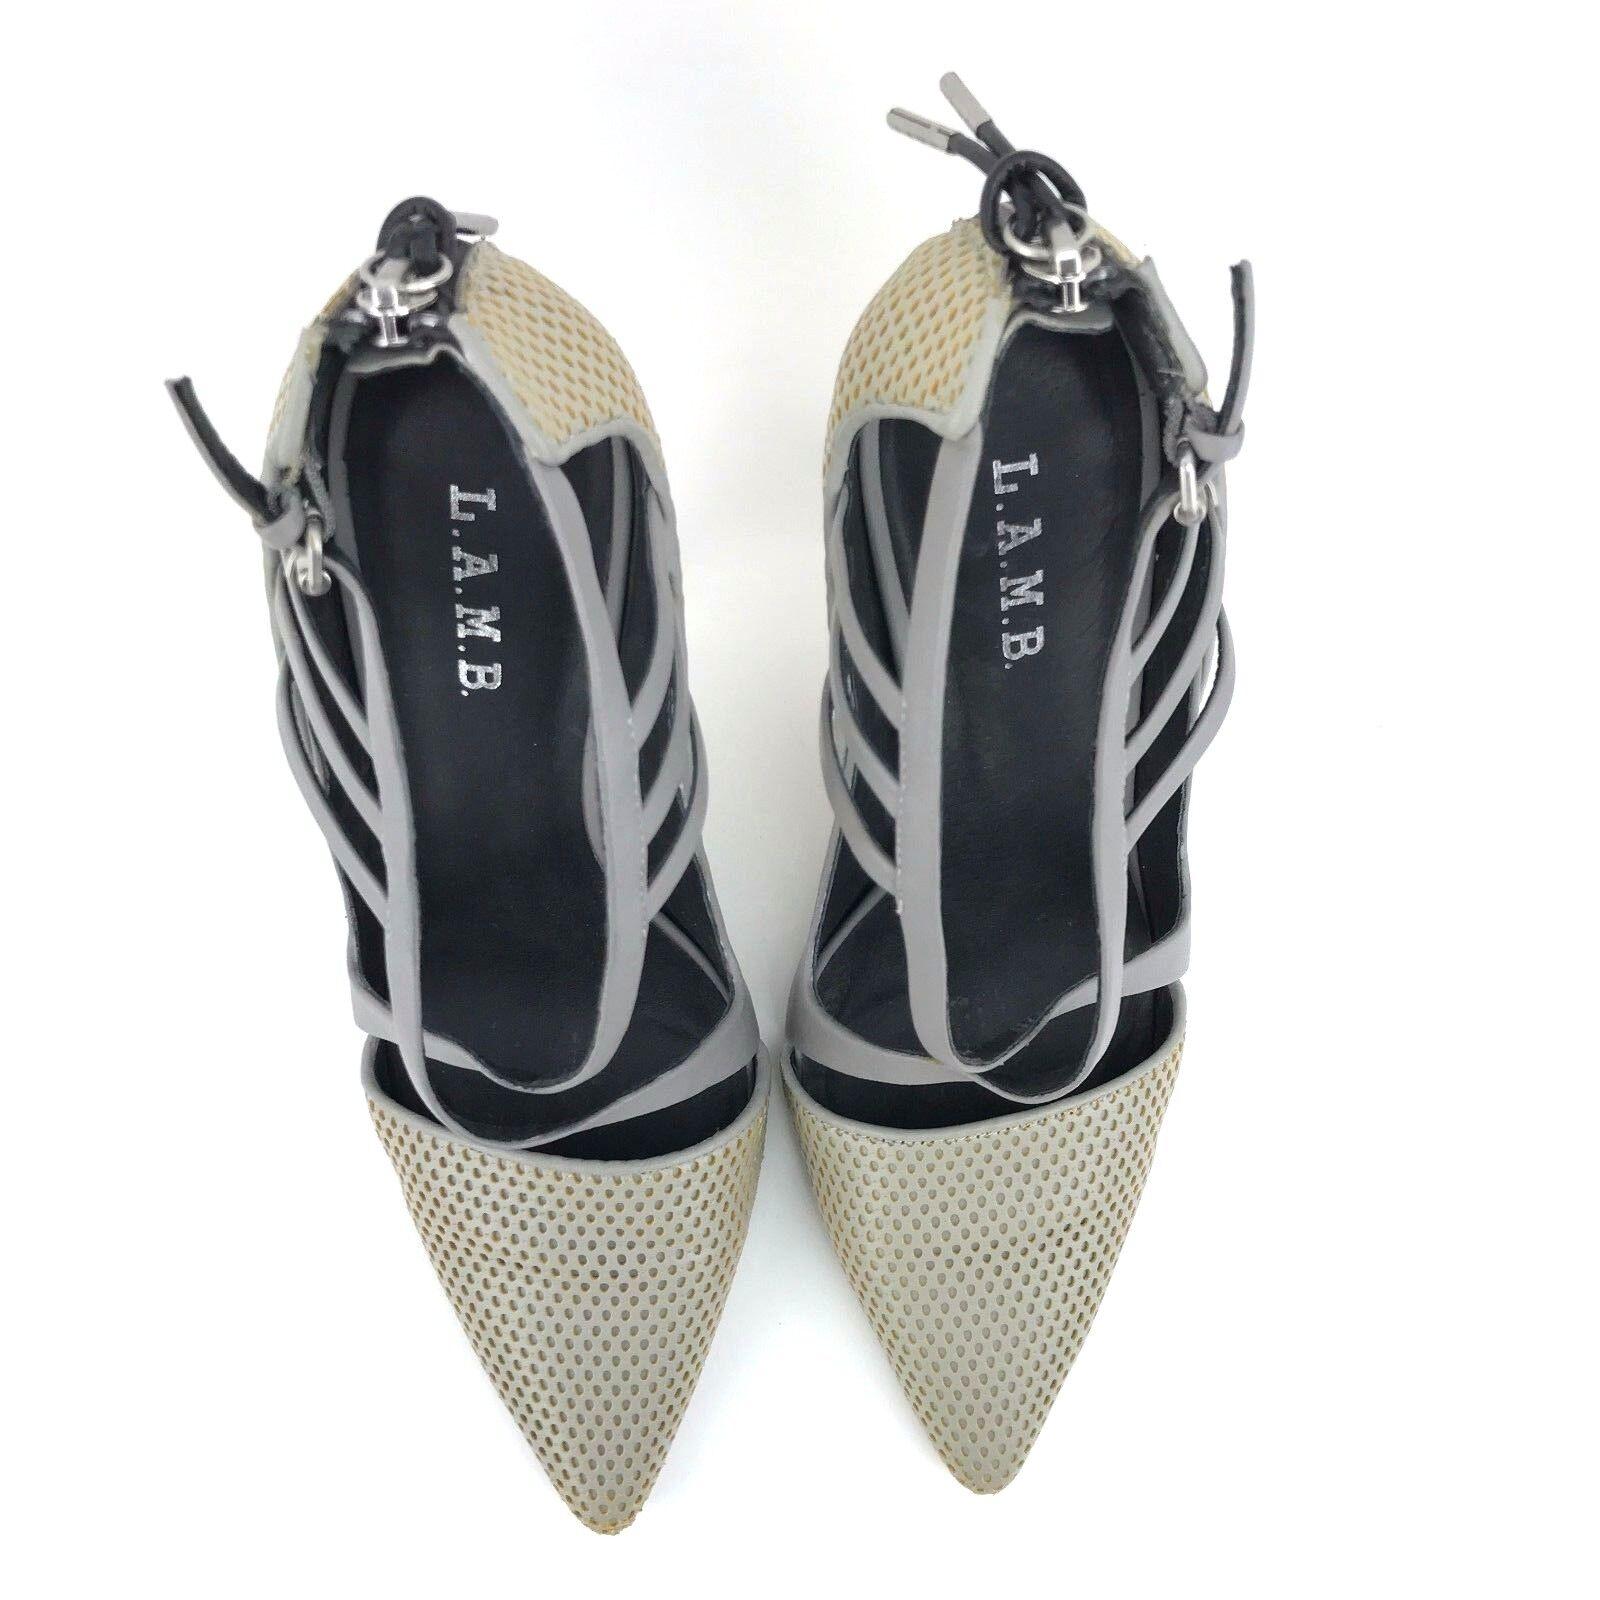 L.A.M.B. Women's 9.5 M M M Boston Pumps Grey Yellow Leather Criss Cross Straps Heels 091585